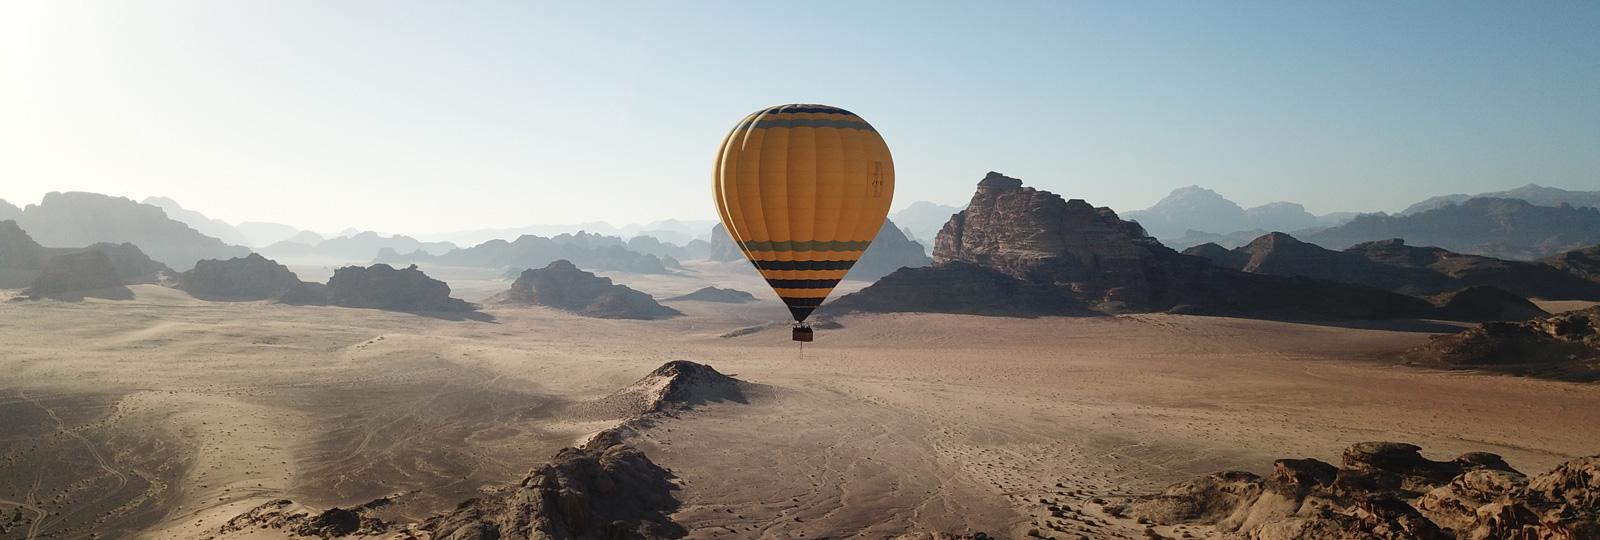 Комби-туры в Иорданию – старт продаж!